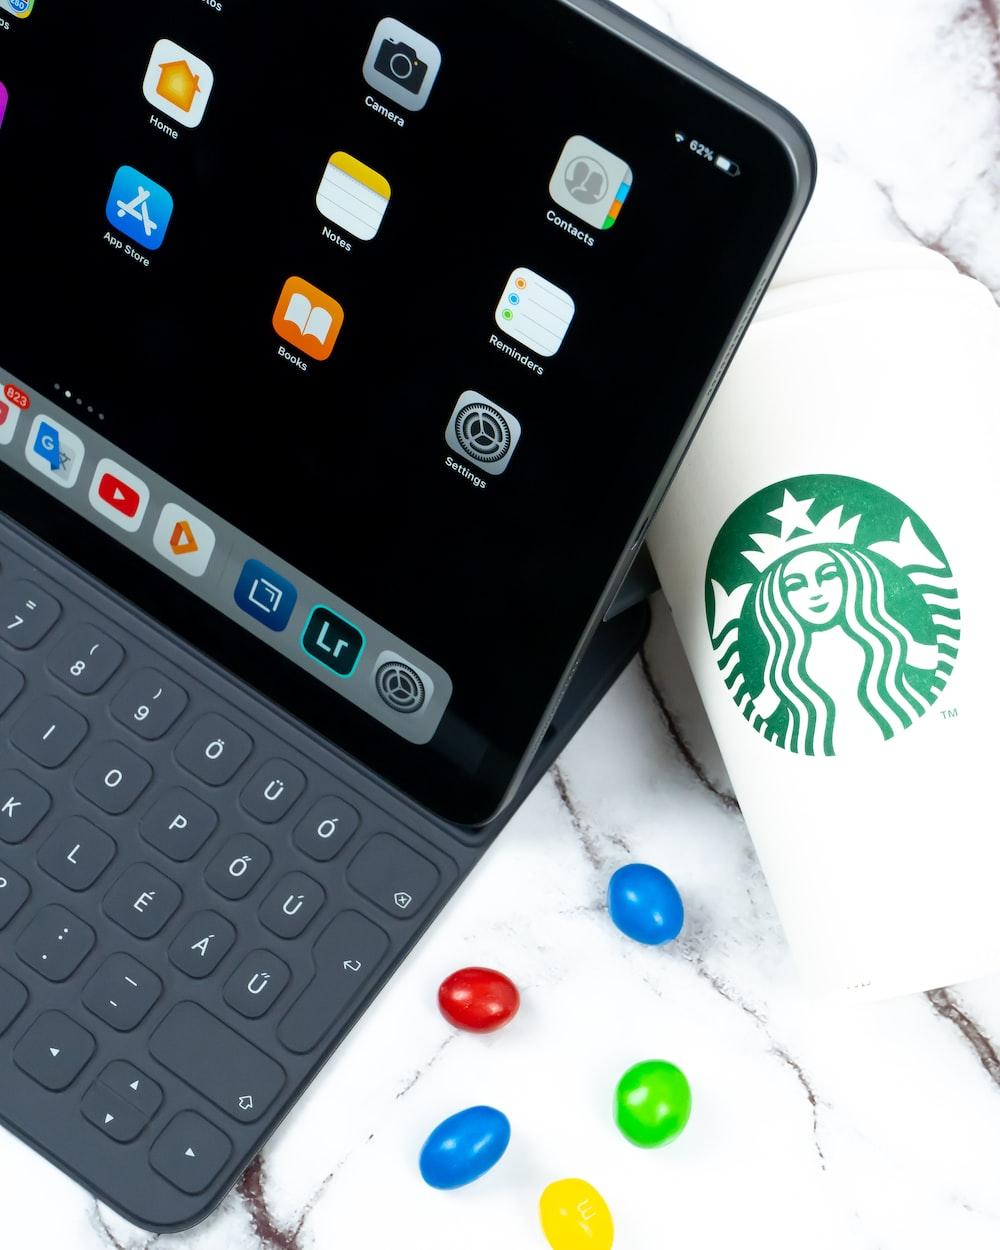 silver iPad turned on